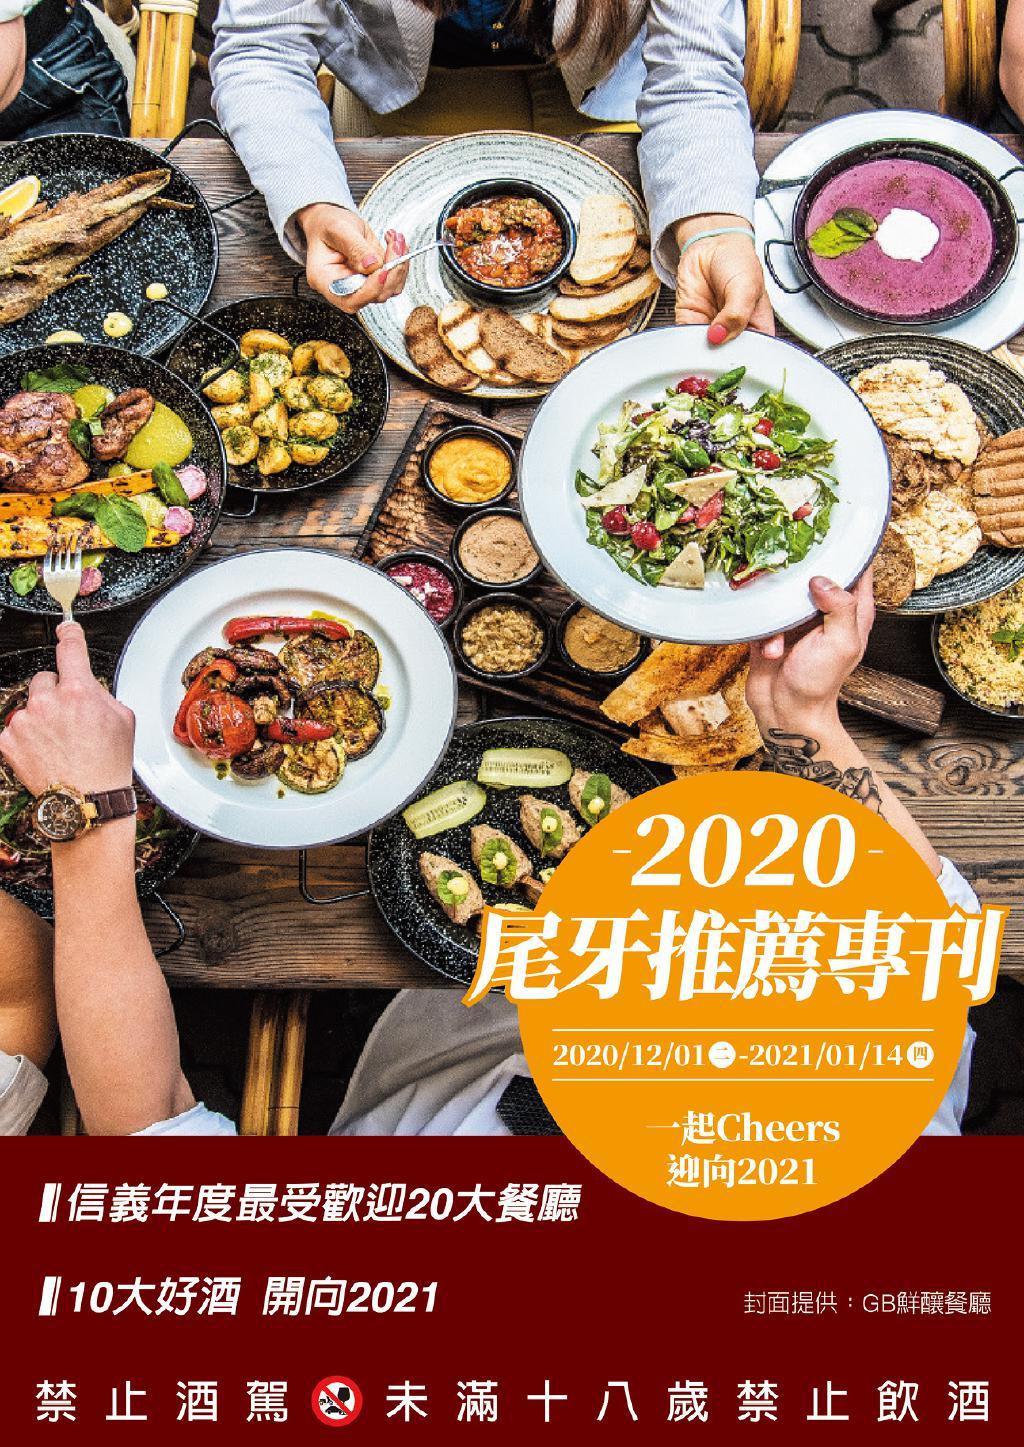 新光三越《信義新天地》DM 2020尾牙推薦專刊 【2021/1/14 止】